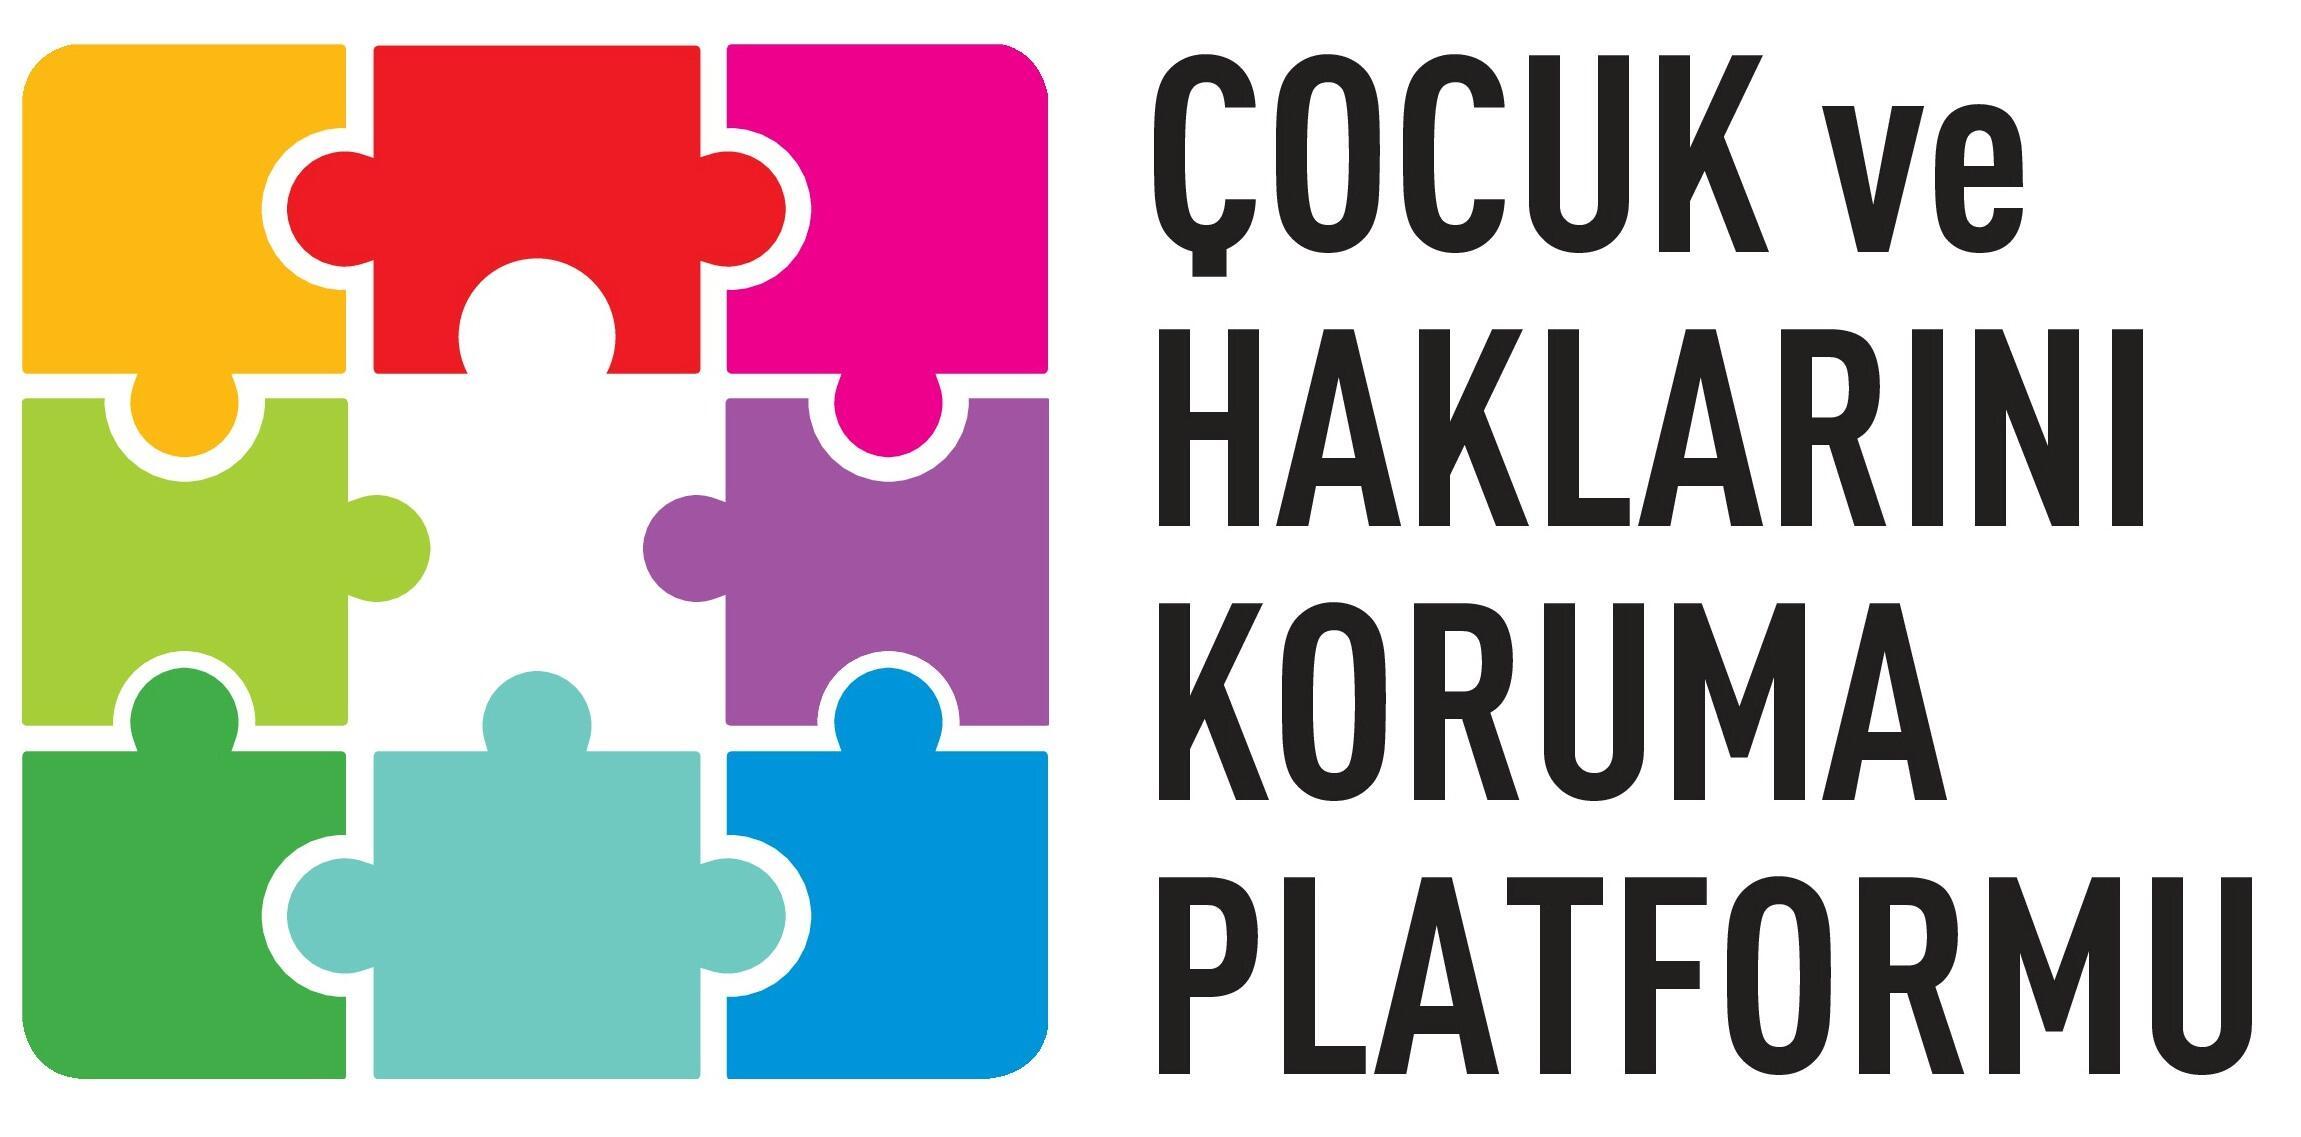 Çocuk ve Haklarını Koruma Platformu Logo